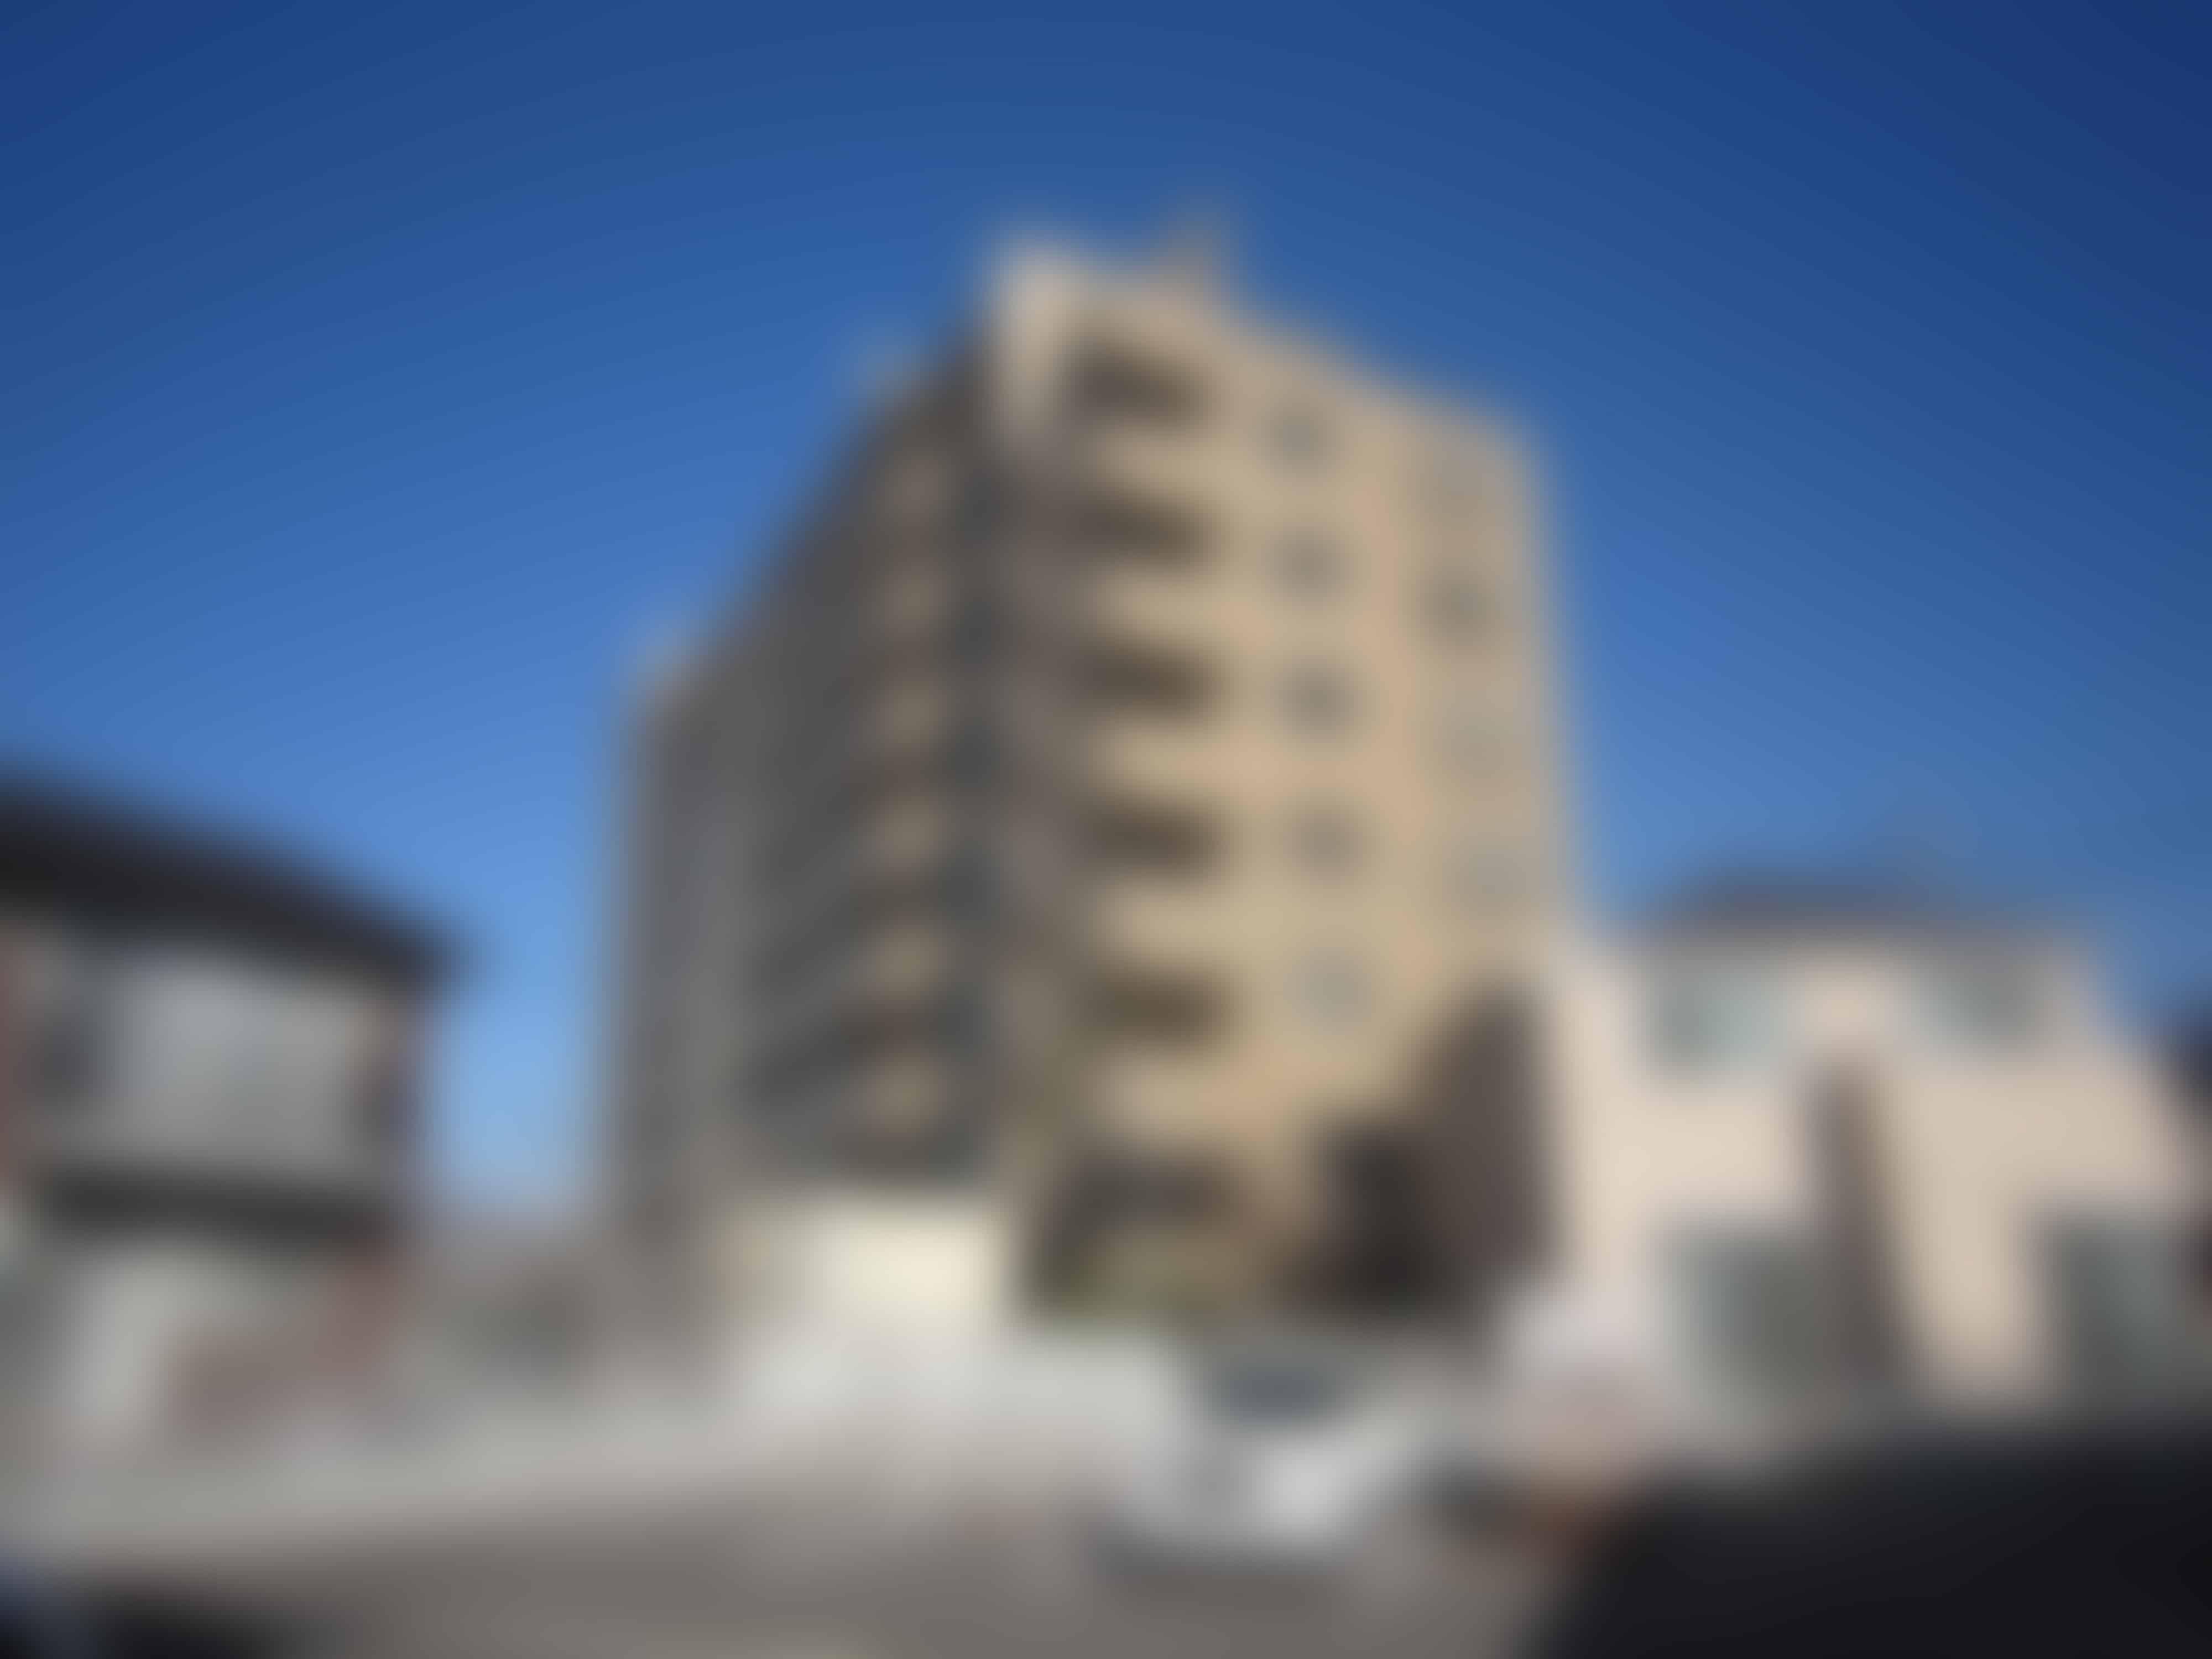 [福岡県北九州市] 自分の経営する会社の倒産